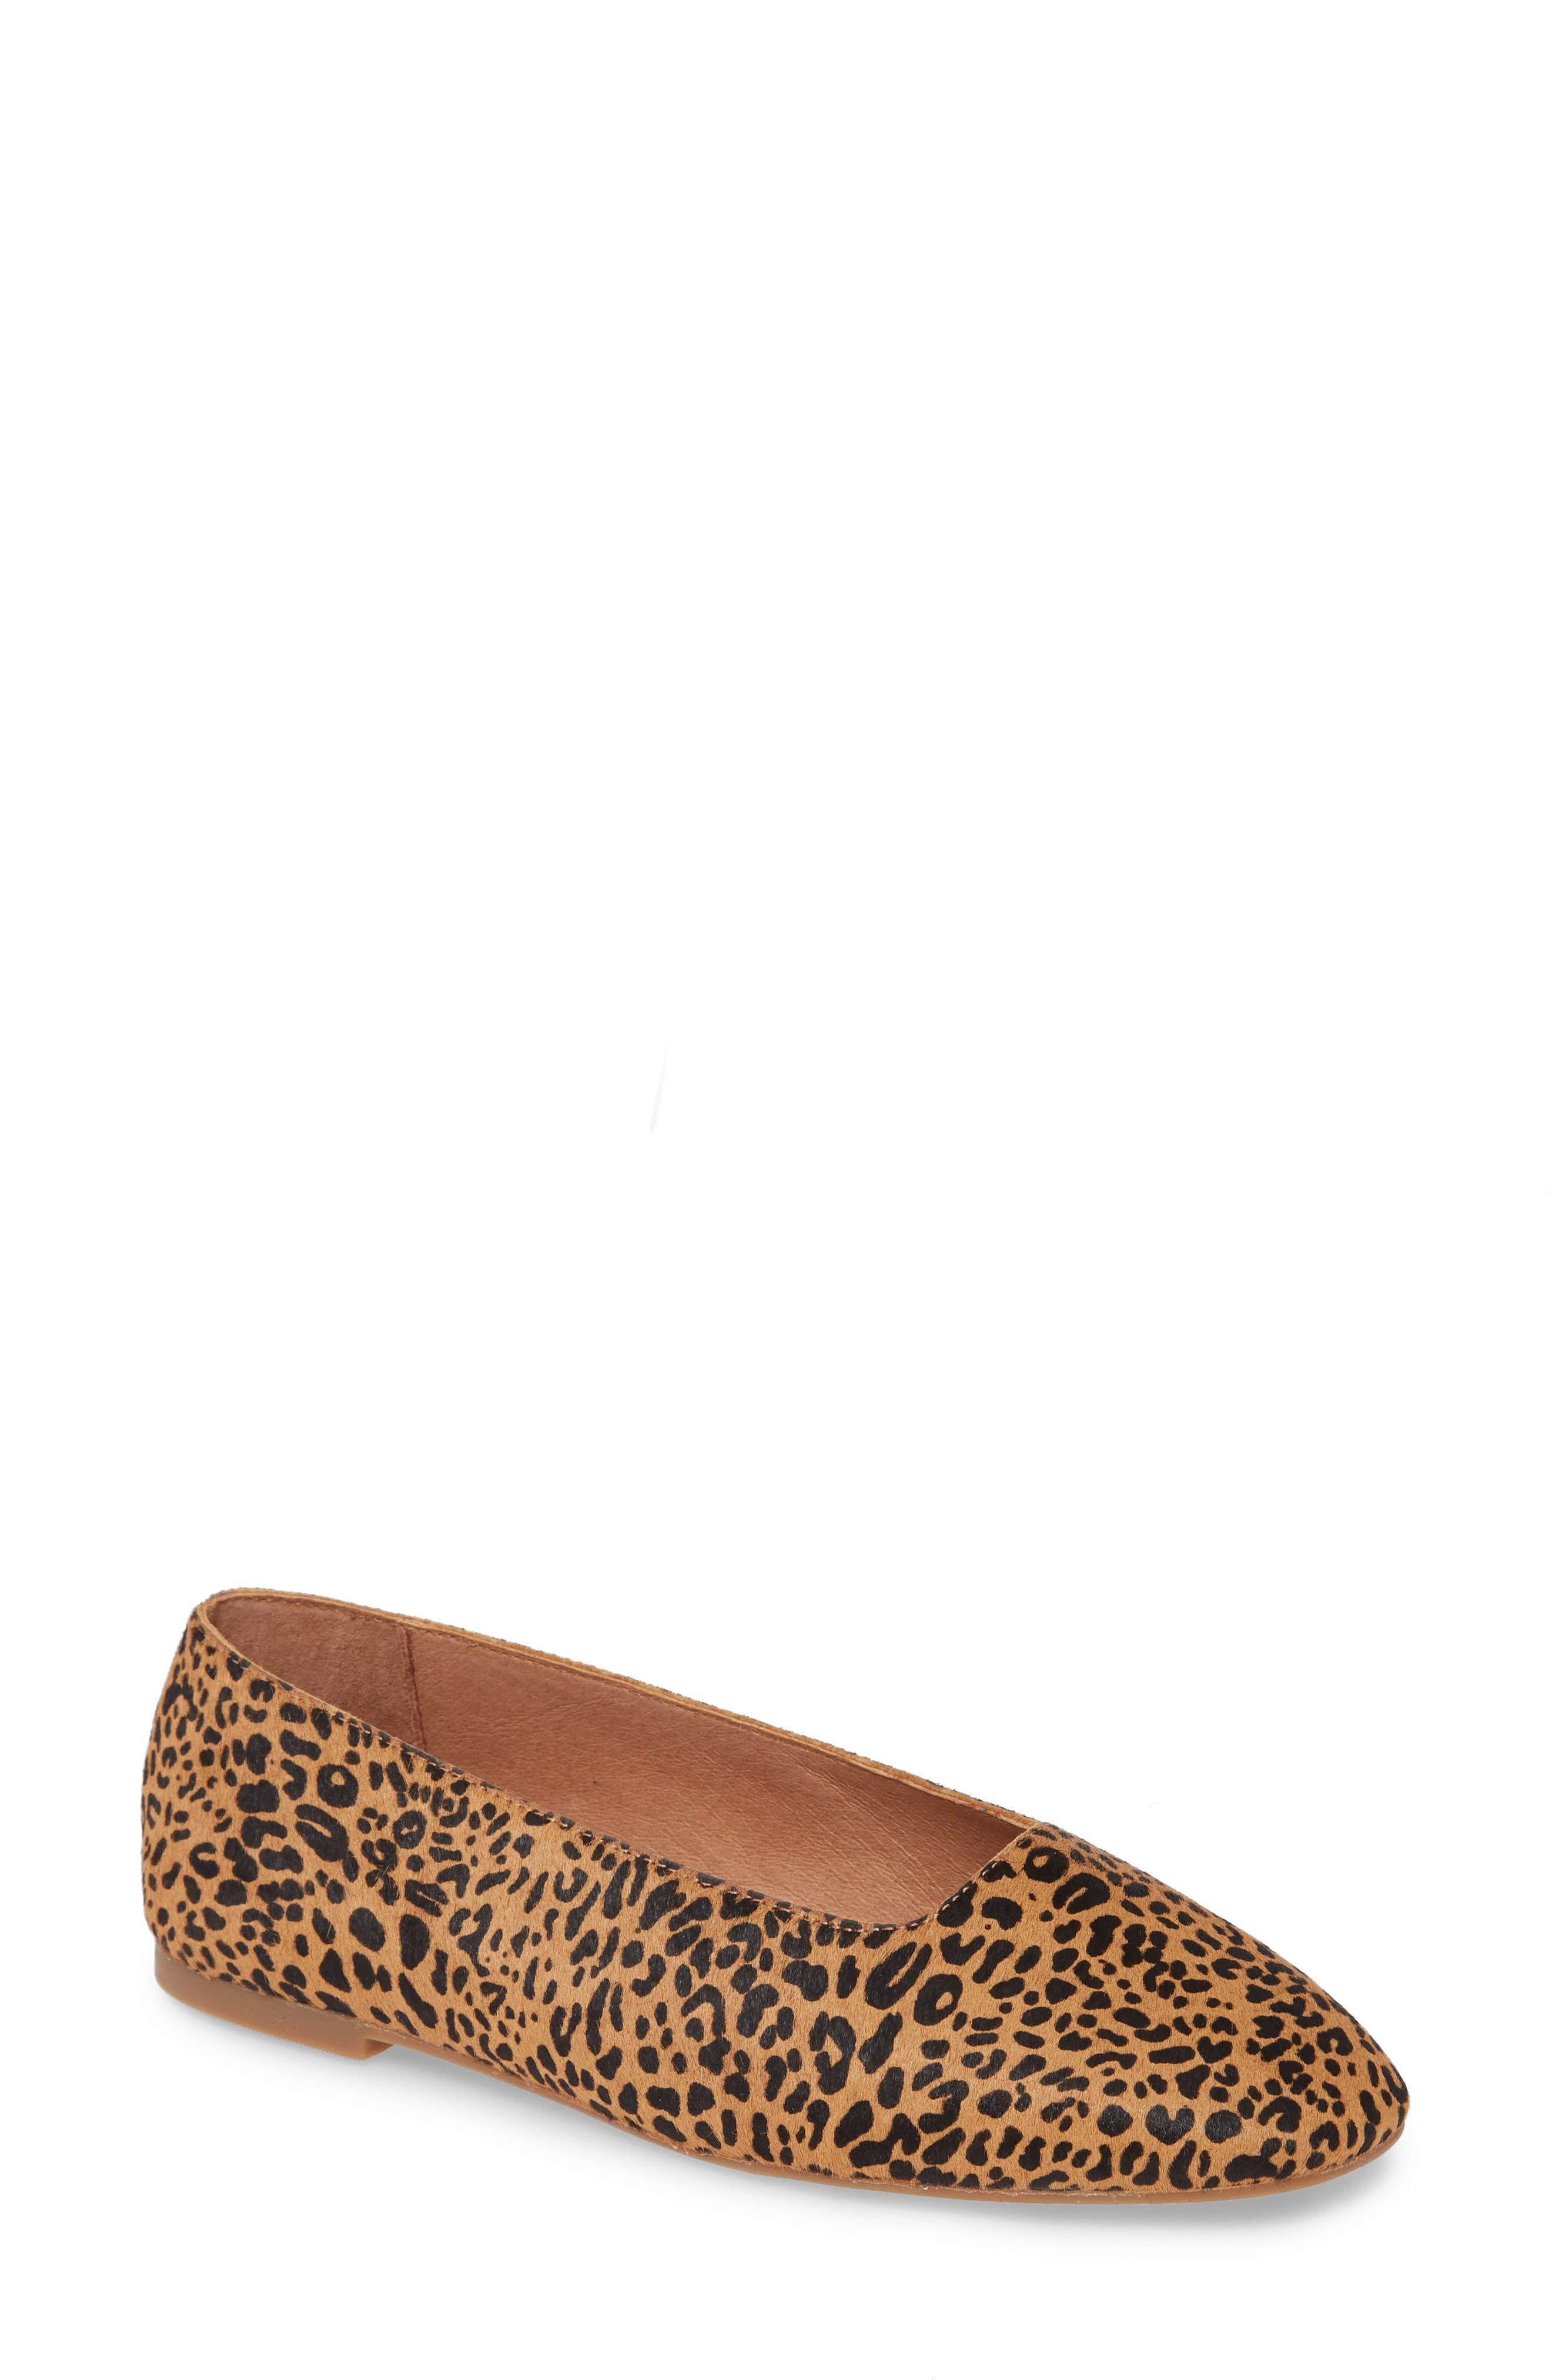 Cory Genuine Calf Hair Leopard Print